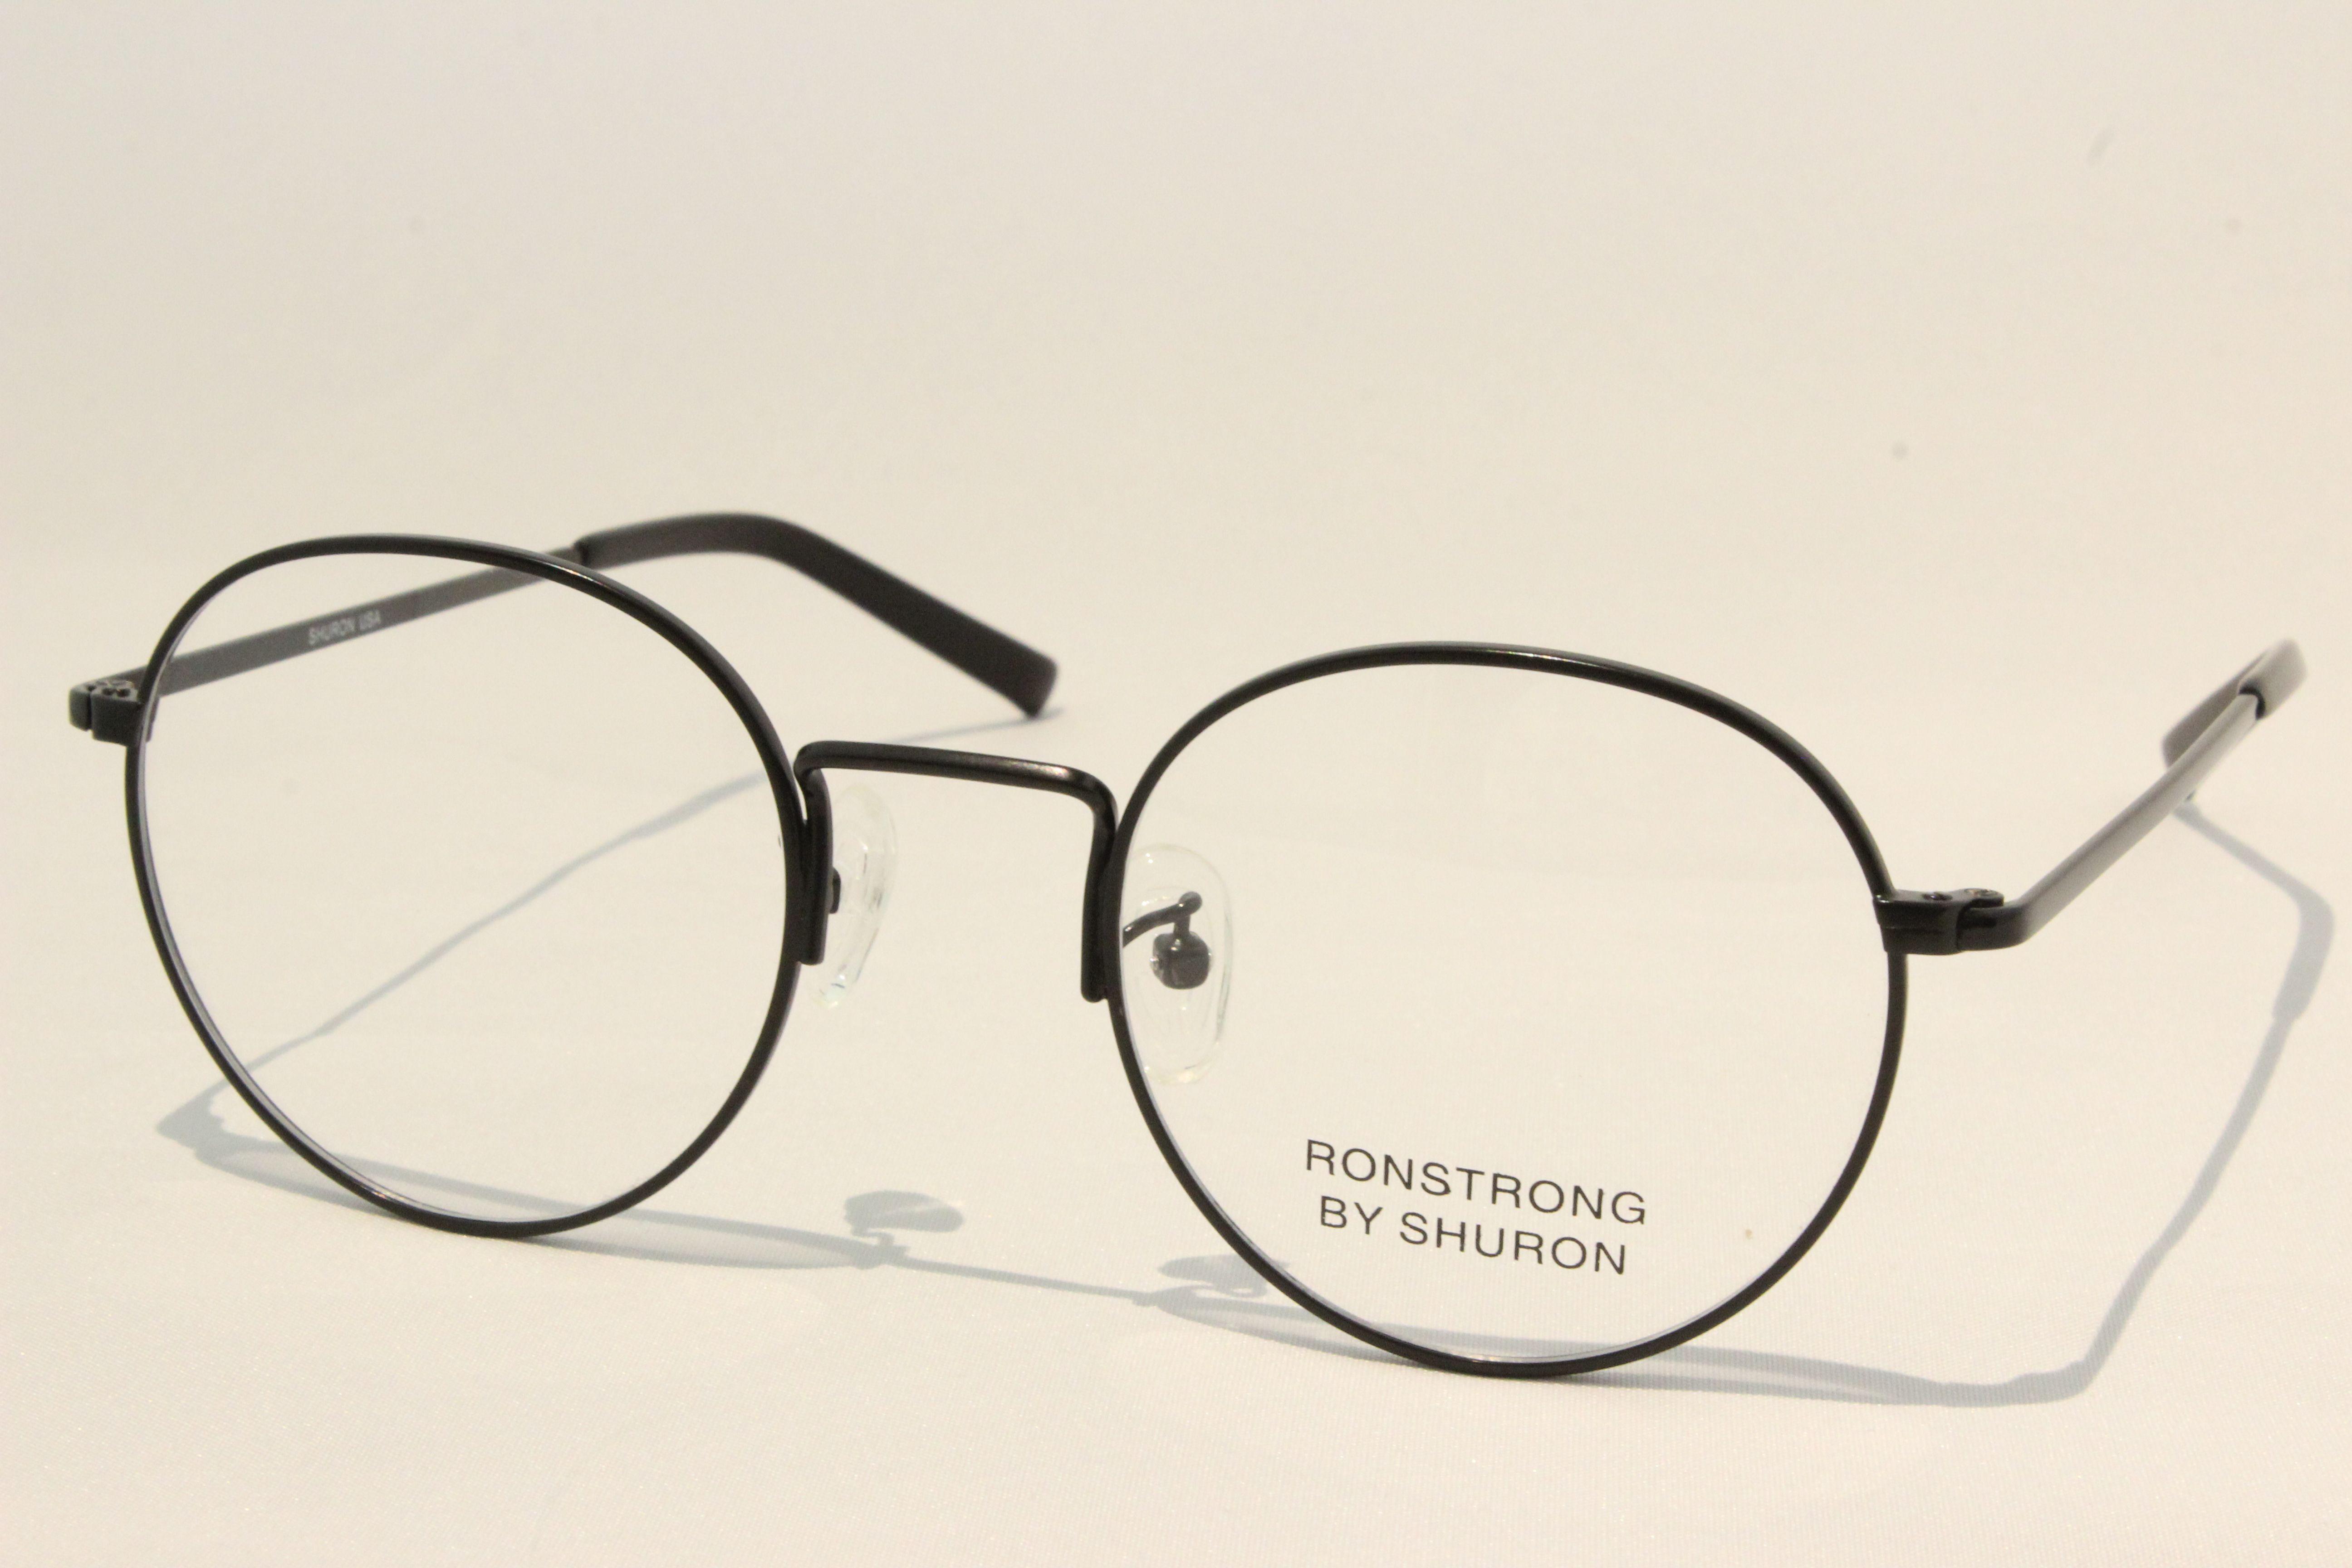 【送料無料】SHURON(シュロン) RONSTRONG (Black/Clear) size 50. UVカットレンズ付き